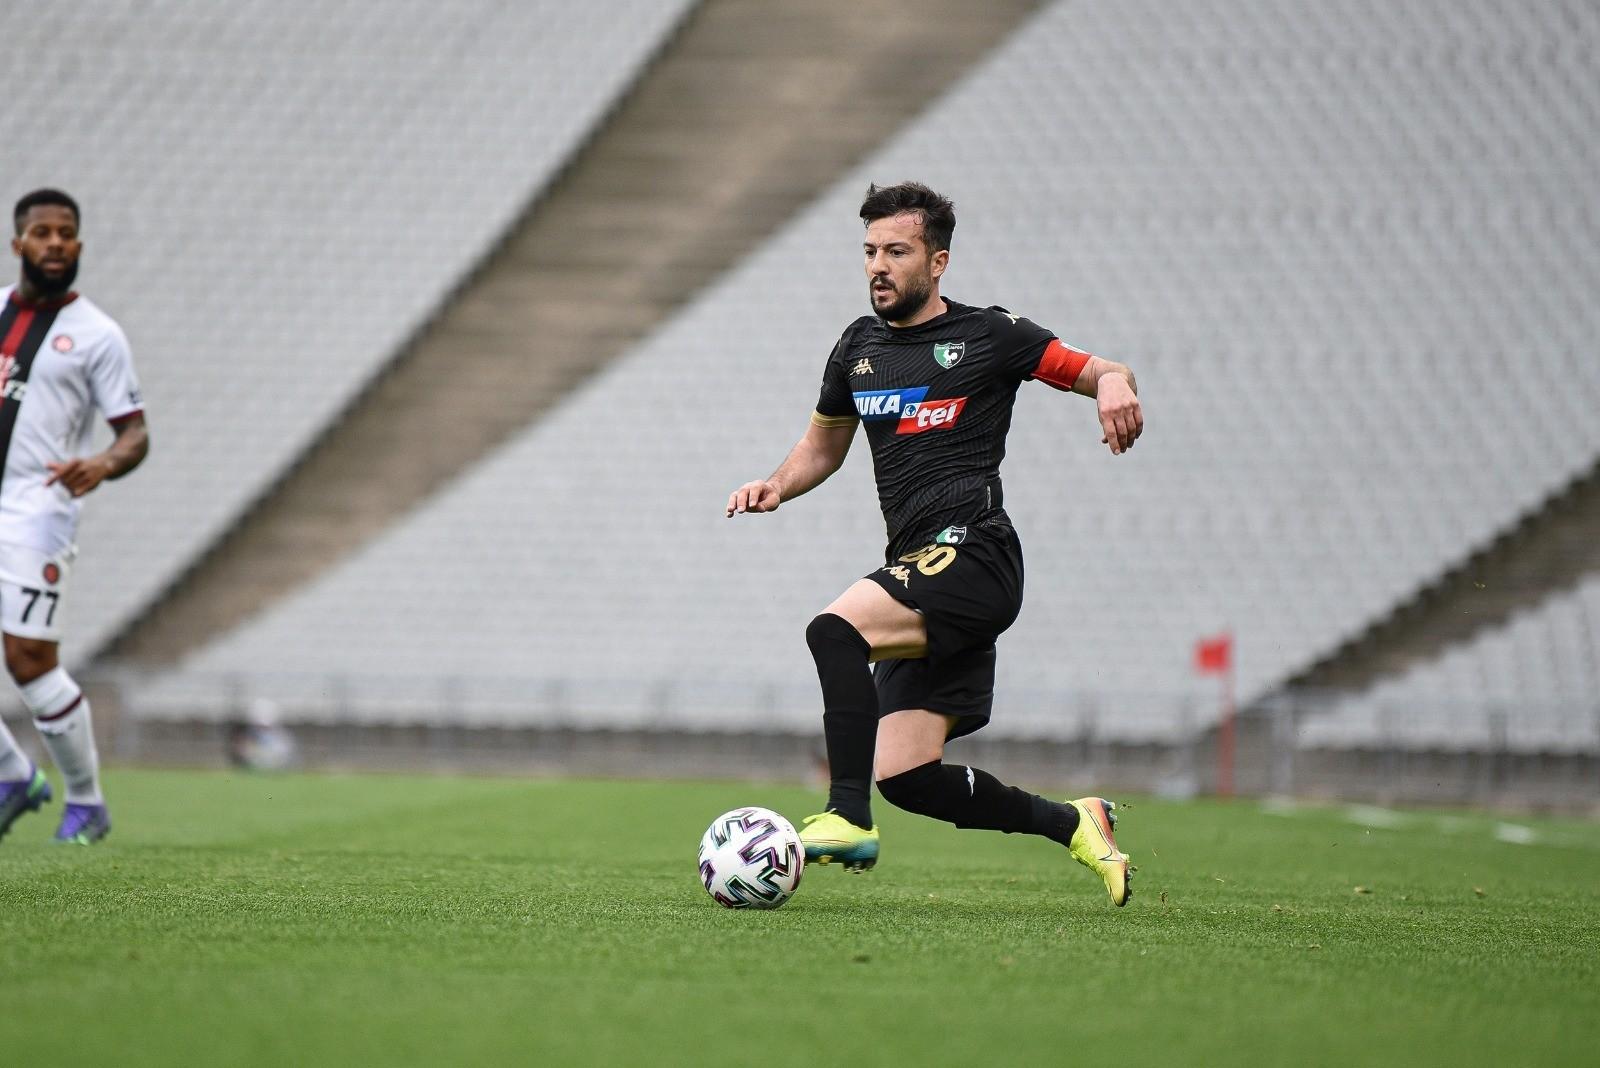 Denizlispor'dan ayrılacak 4 futbolcunun ismi netleşmeye başladı